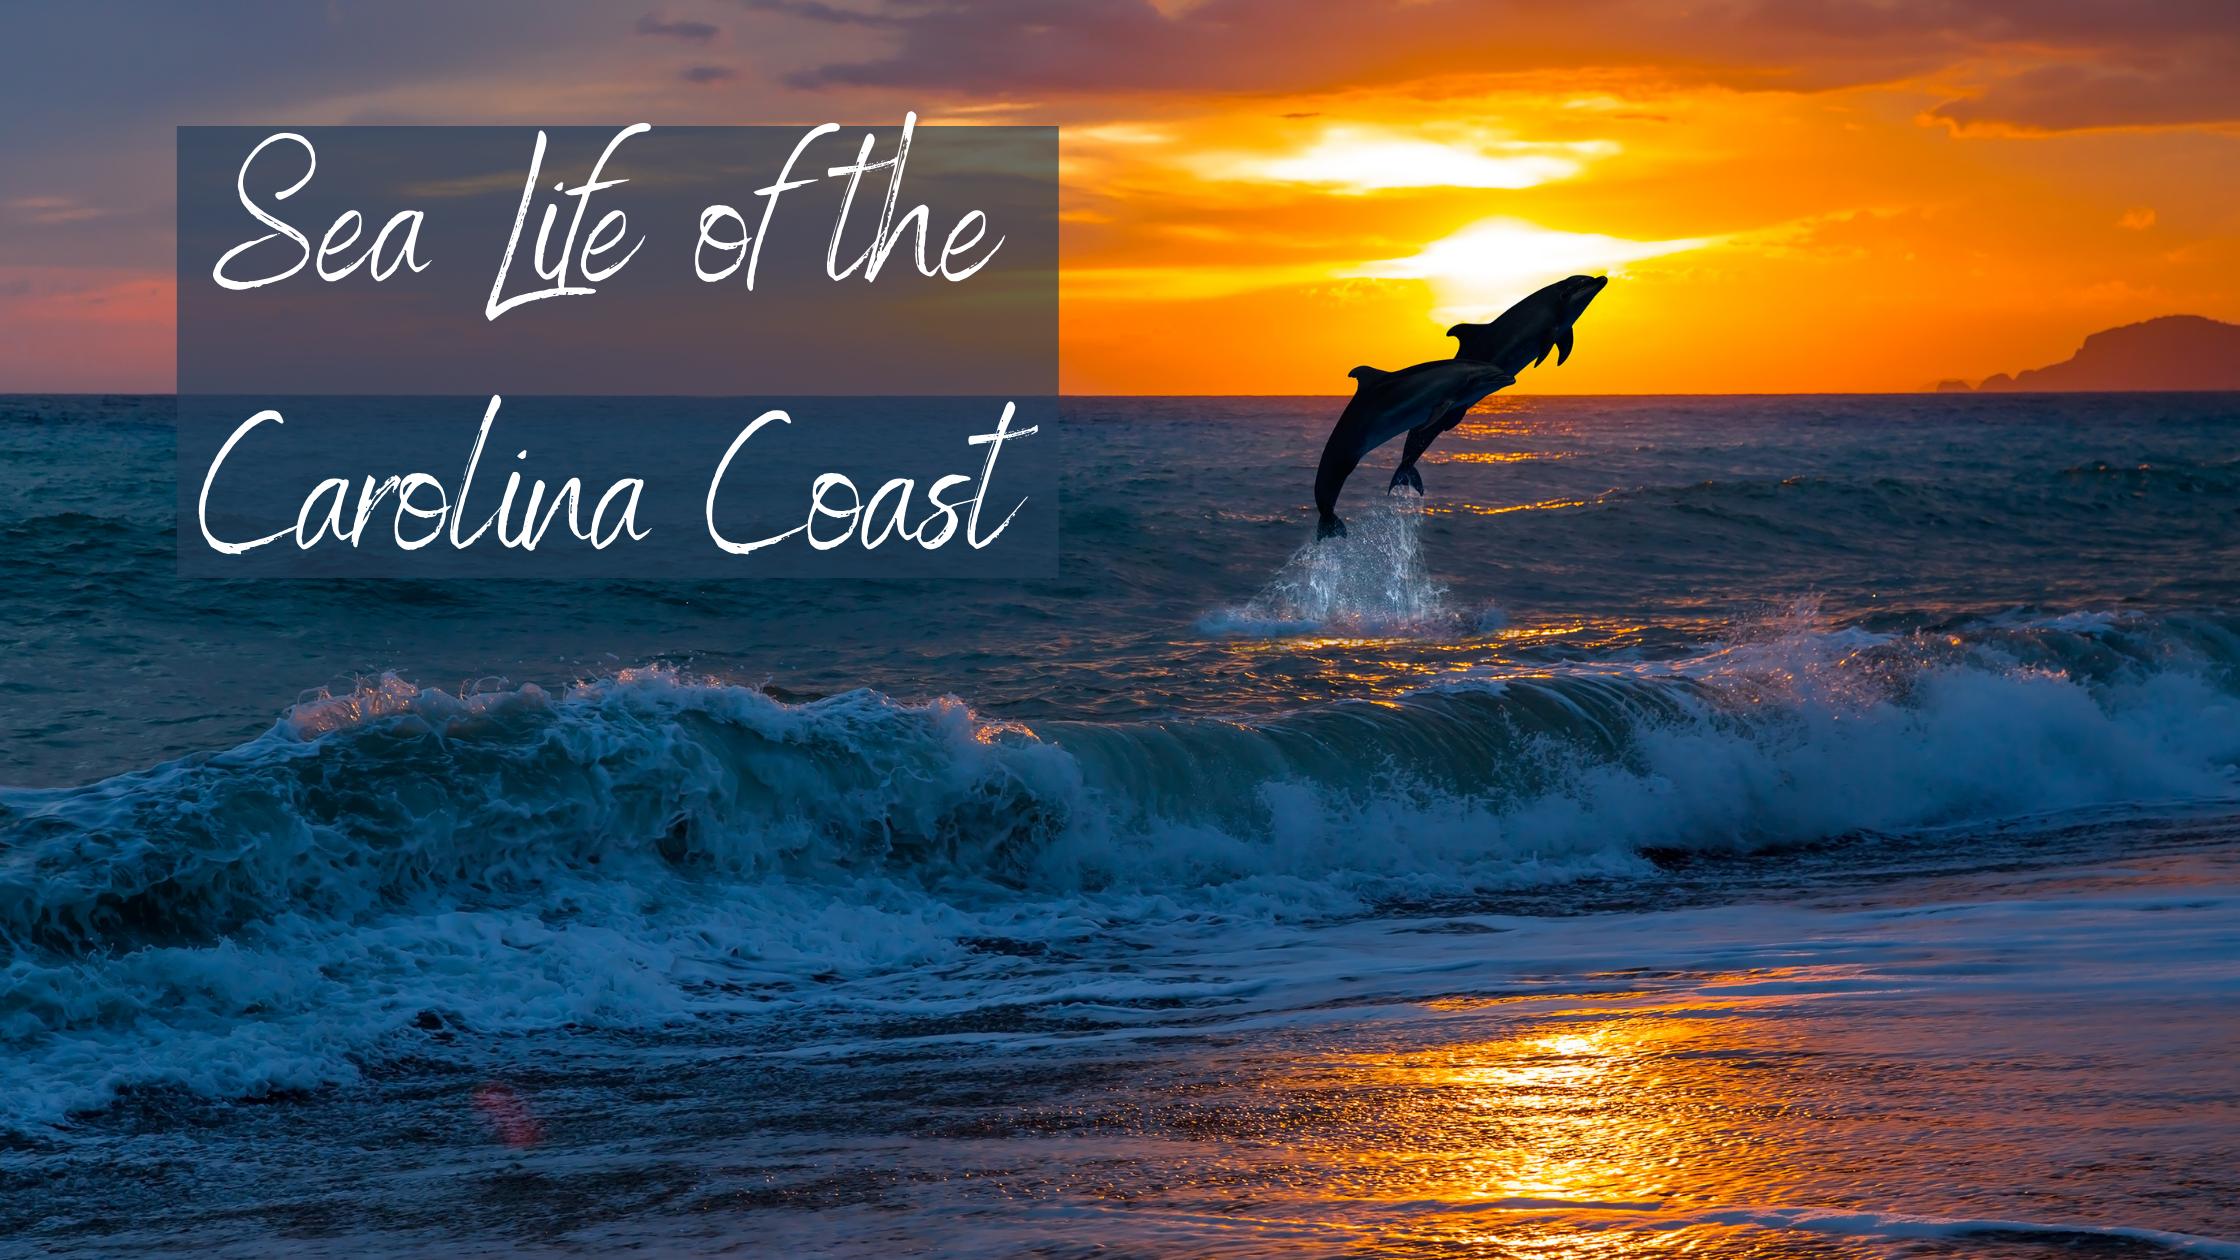 Sea Life of the Carolina Coast